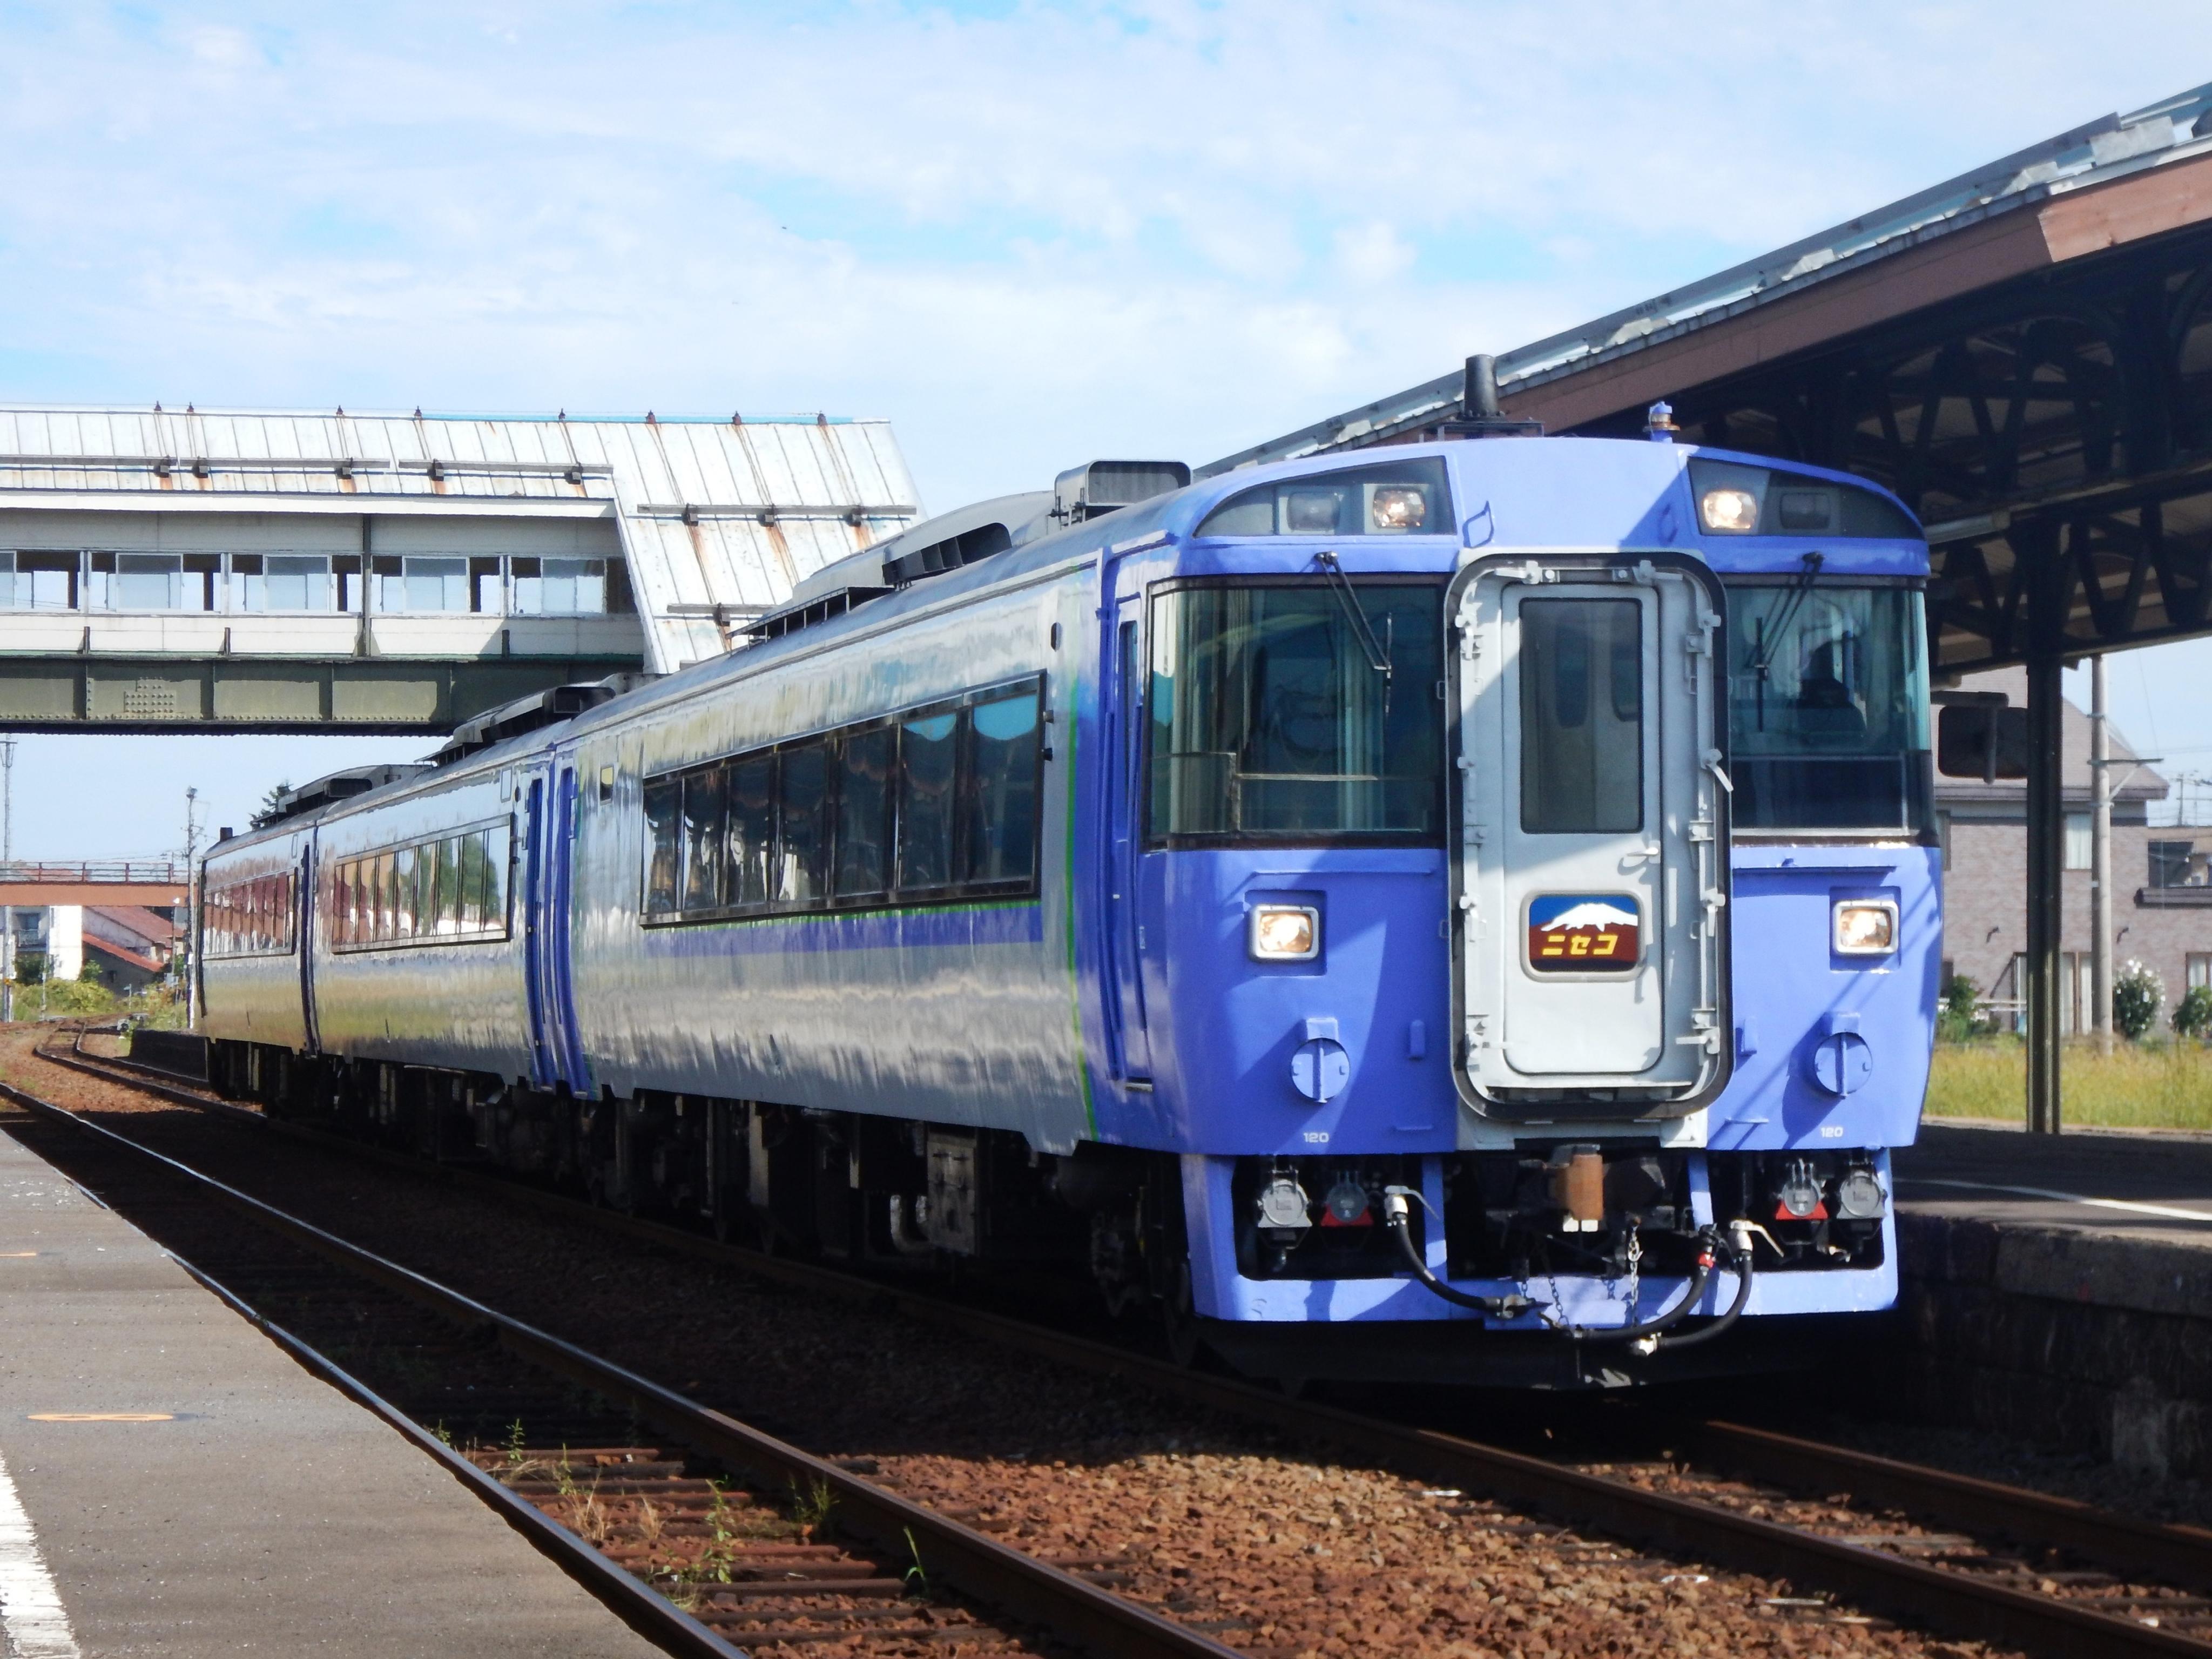 キハ183 特急ニセコ 余市駅 190908.JPG